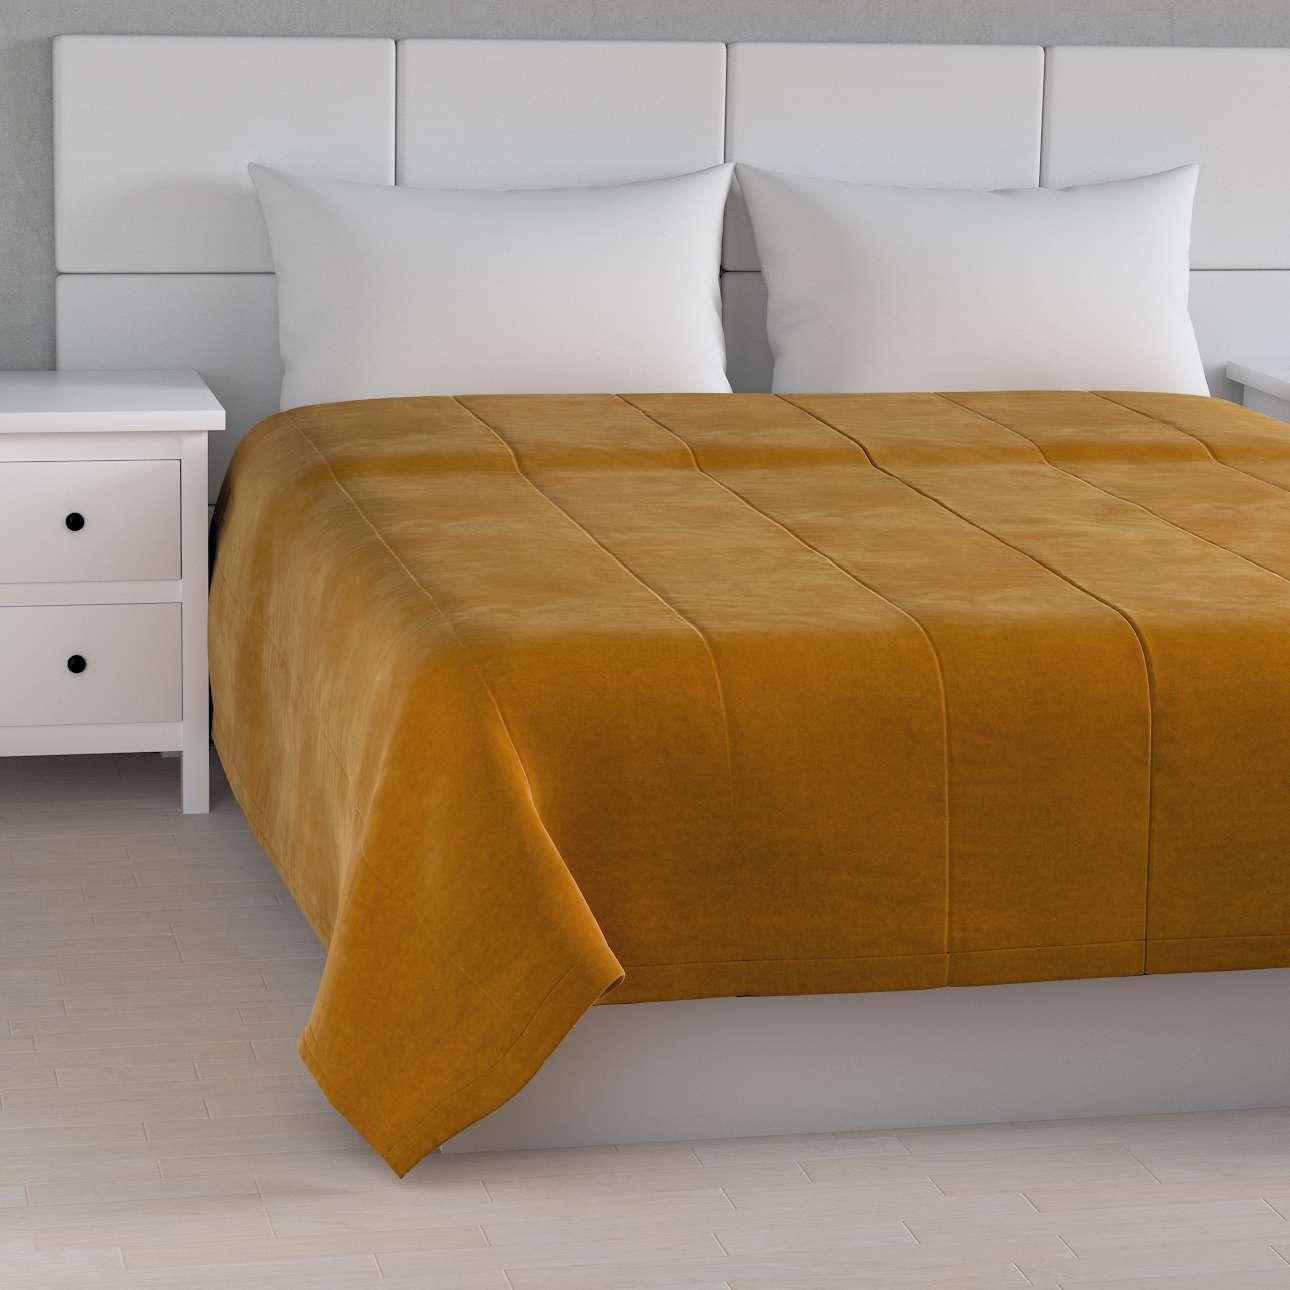 Velvet kolekcijos lovatiesės su vertikaliu dygsniavimu kolekcijoje Velvetas/Aksomas, audinys: 704-23